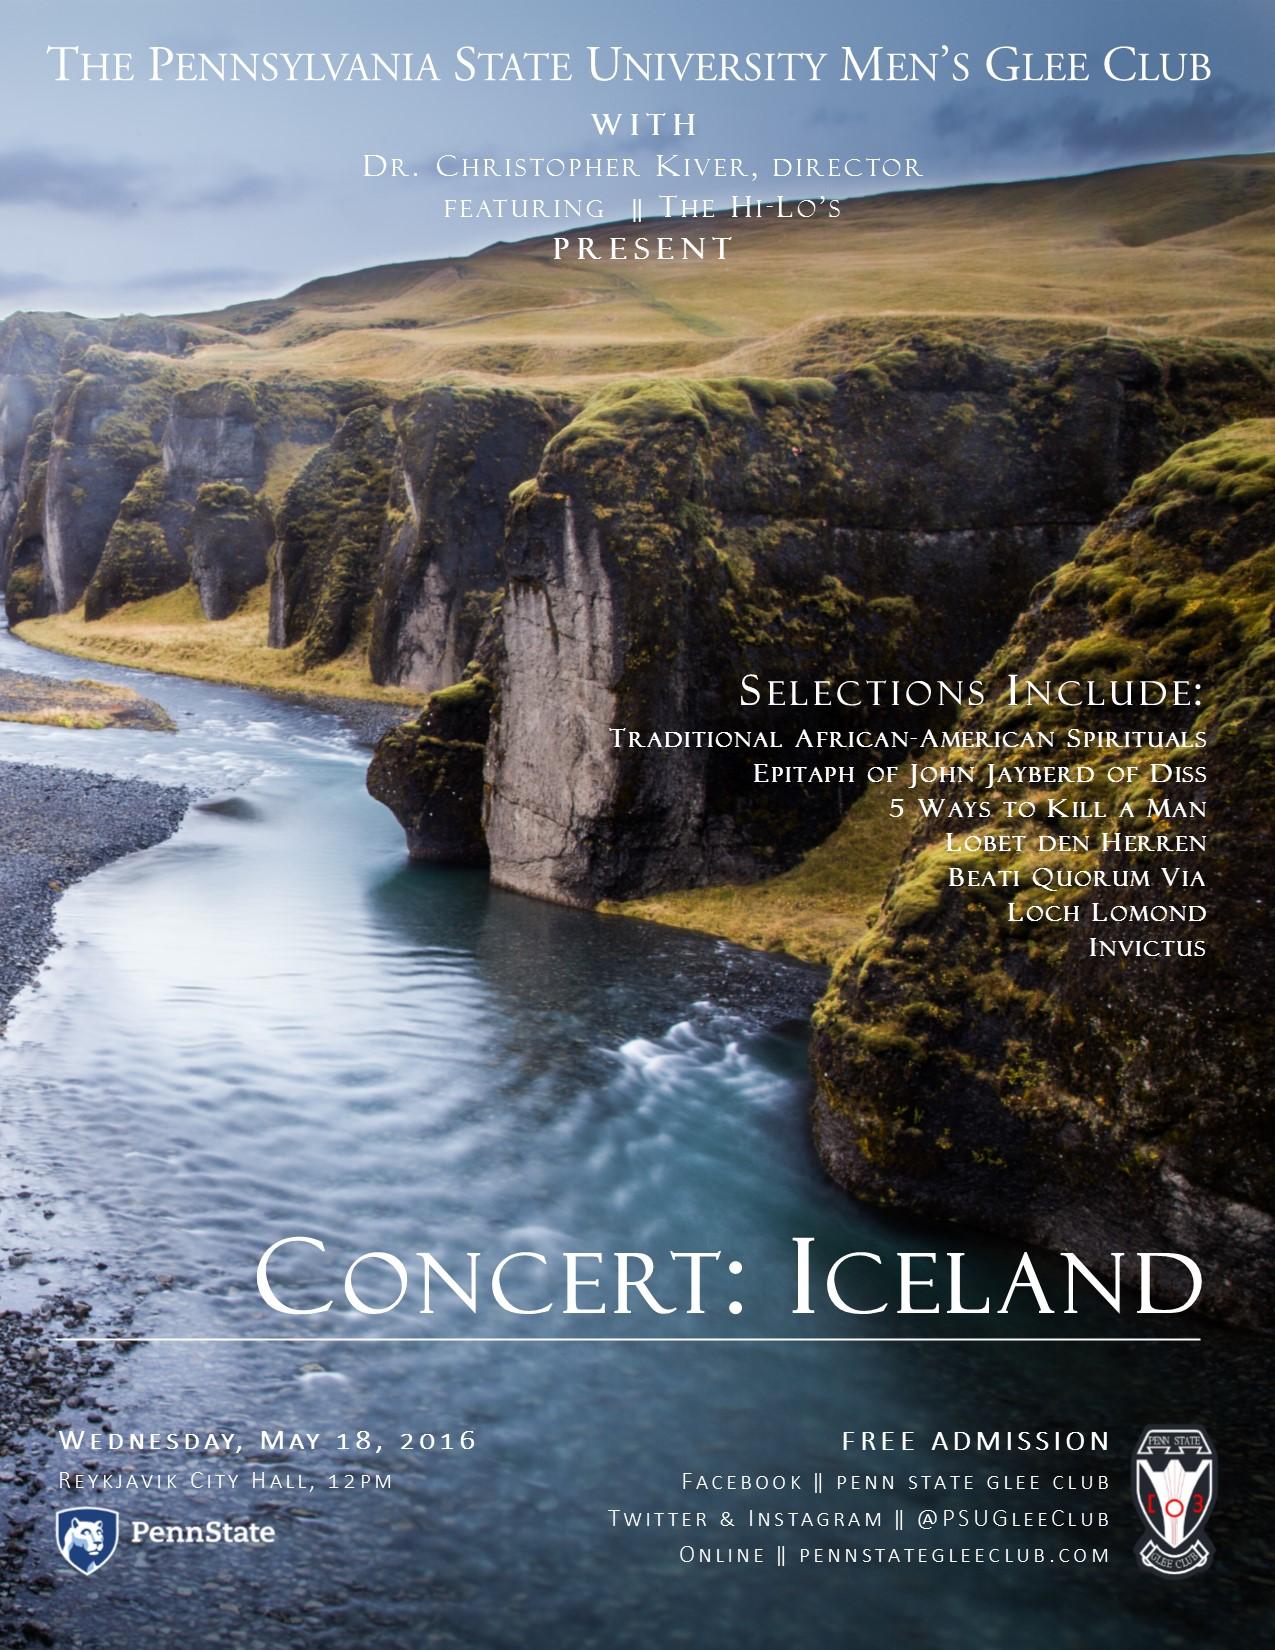 Concert - Iceland